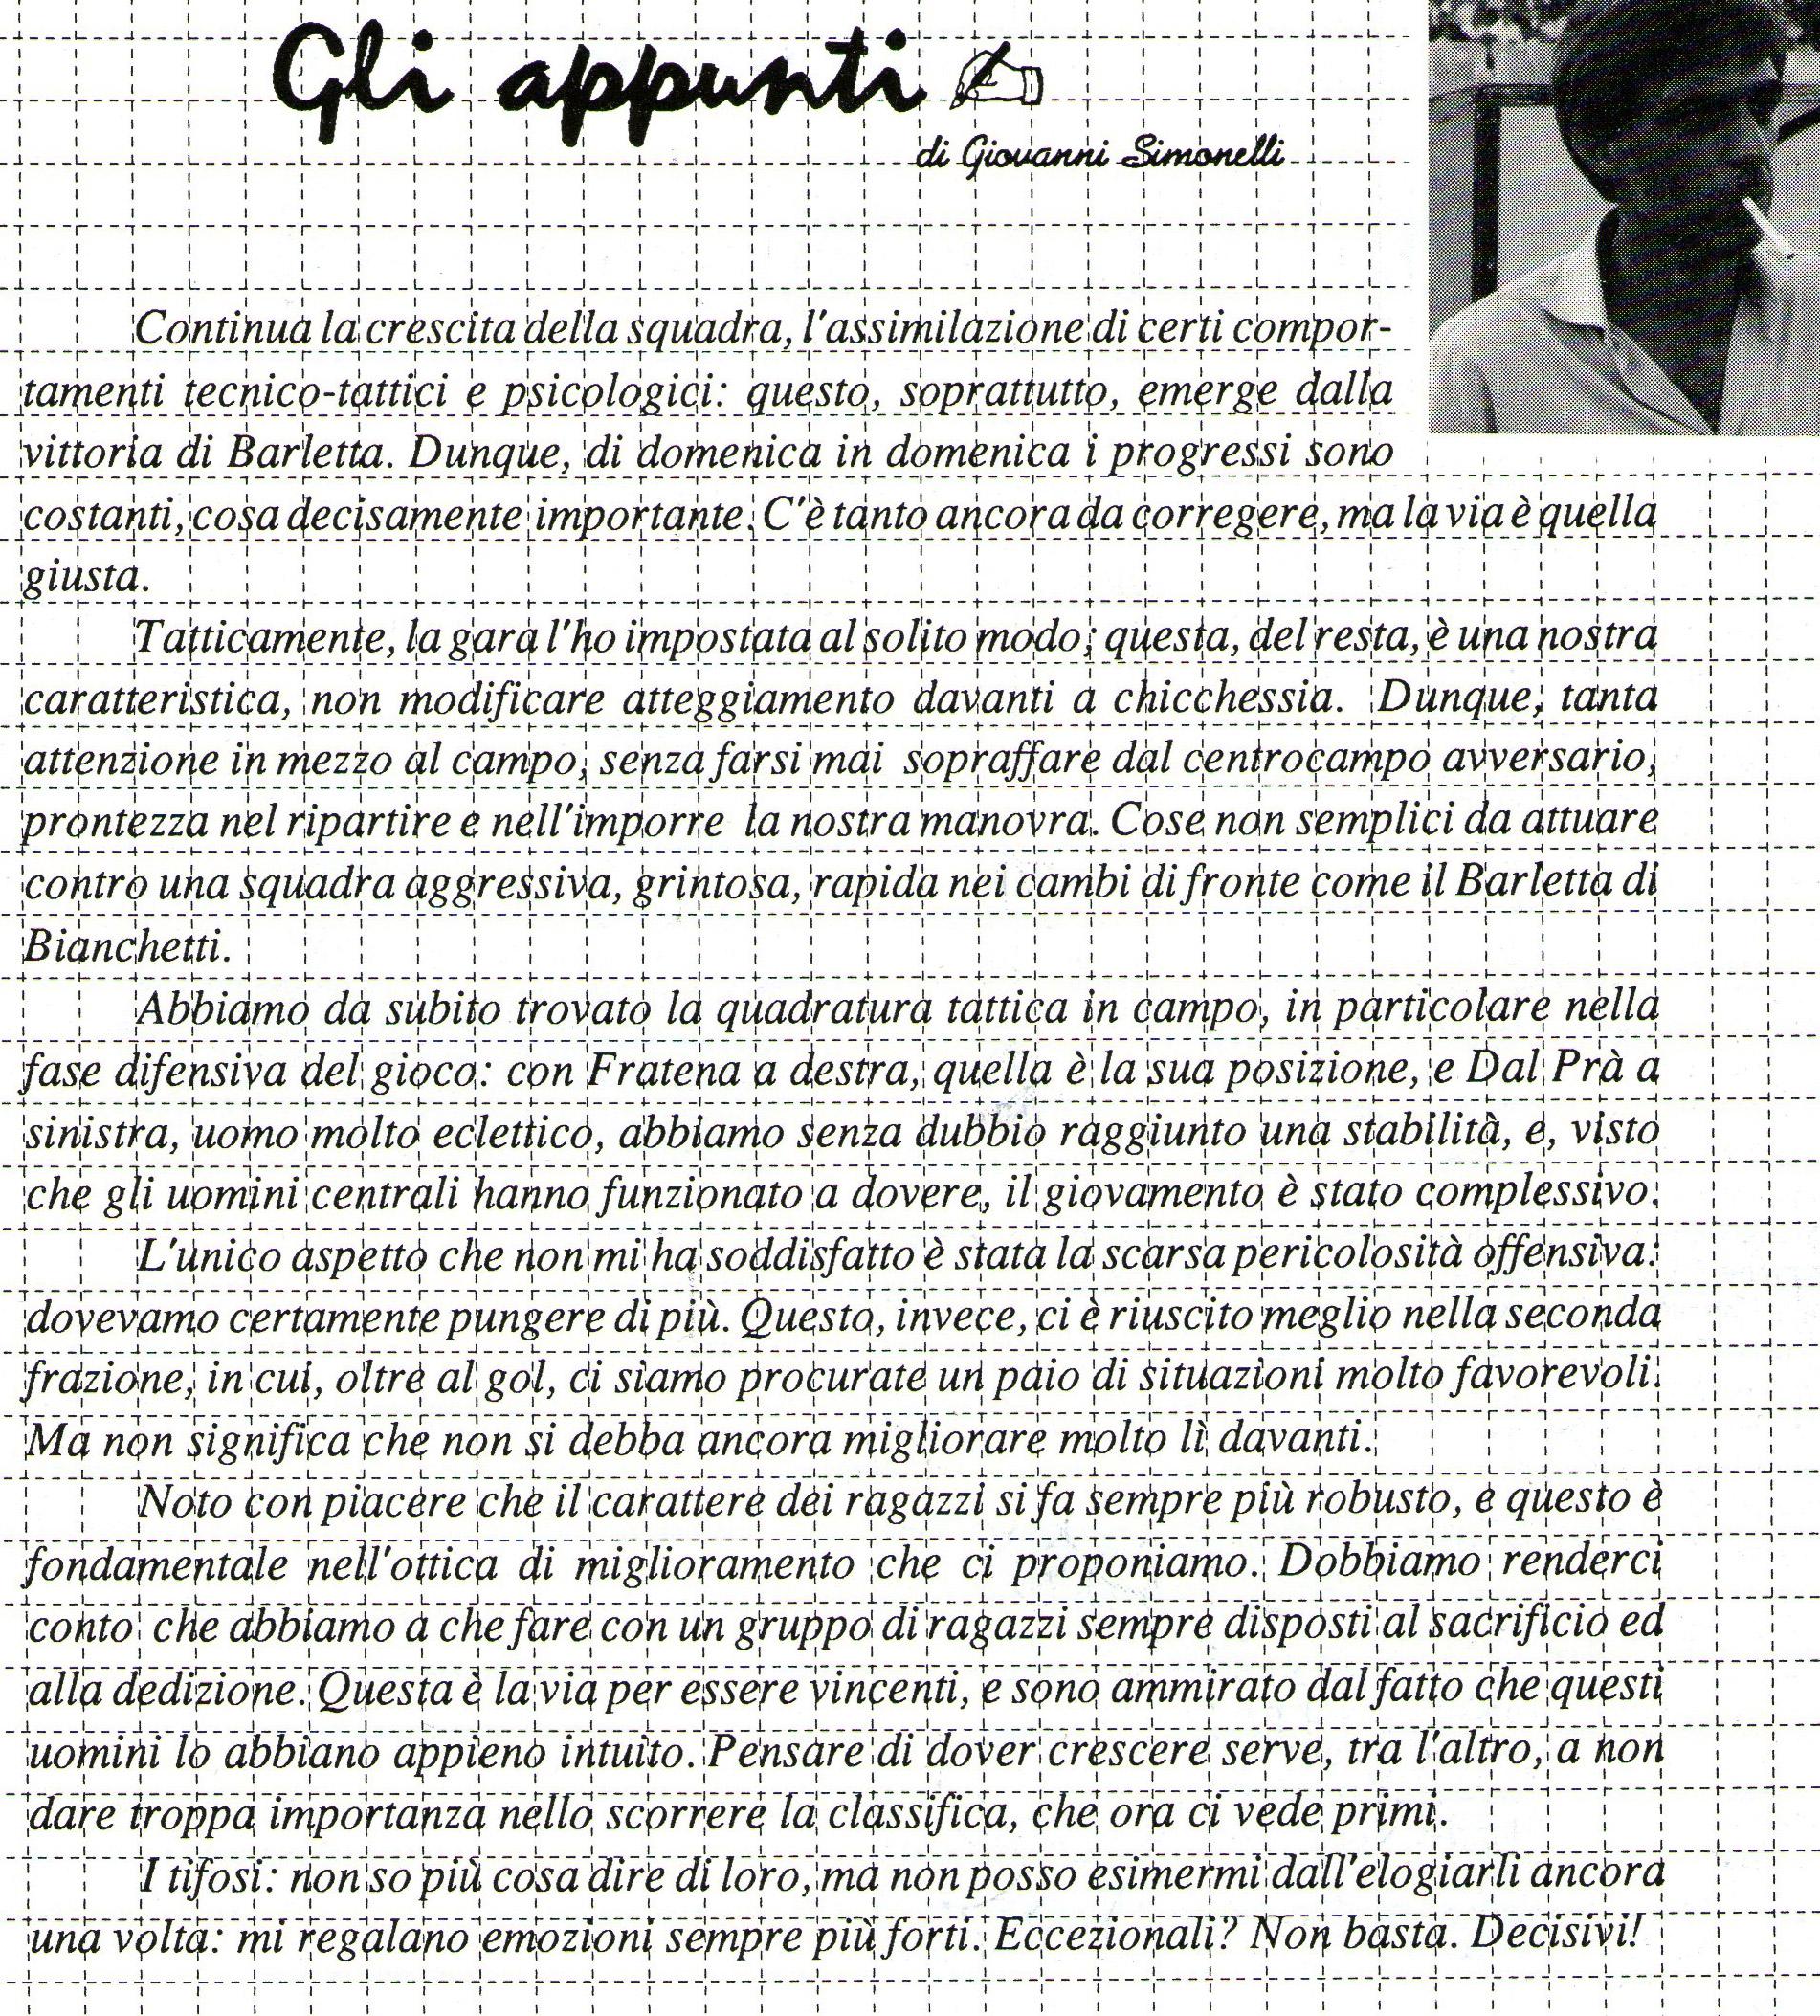 Il commento di Mister Simonelli